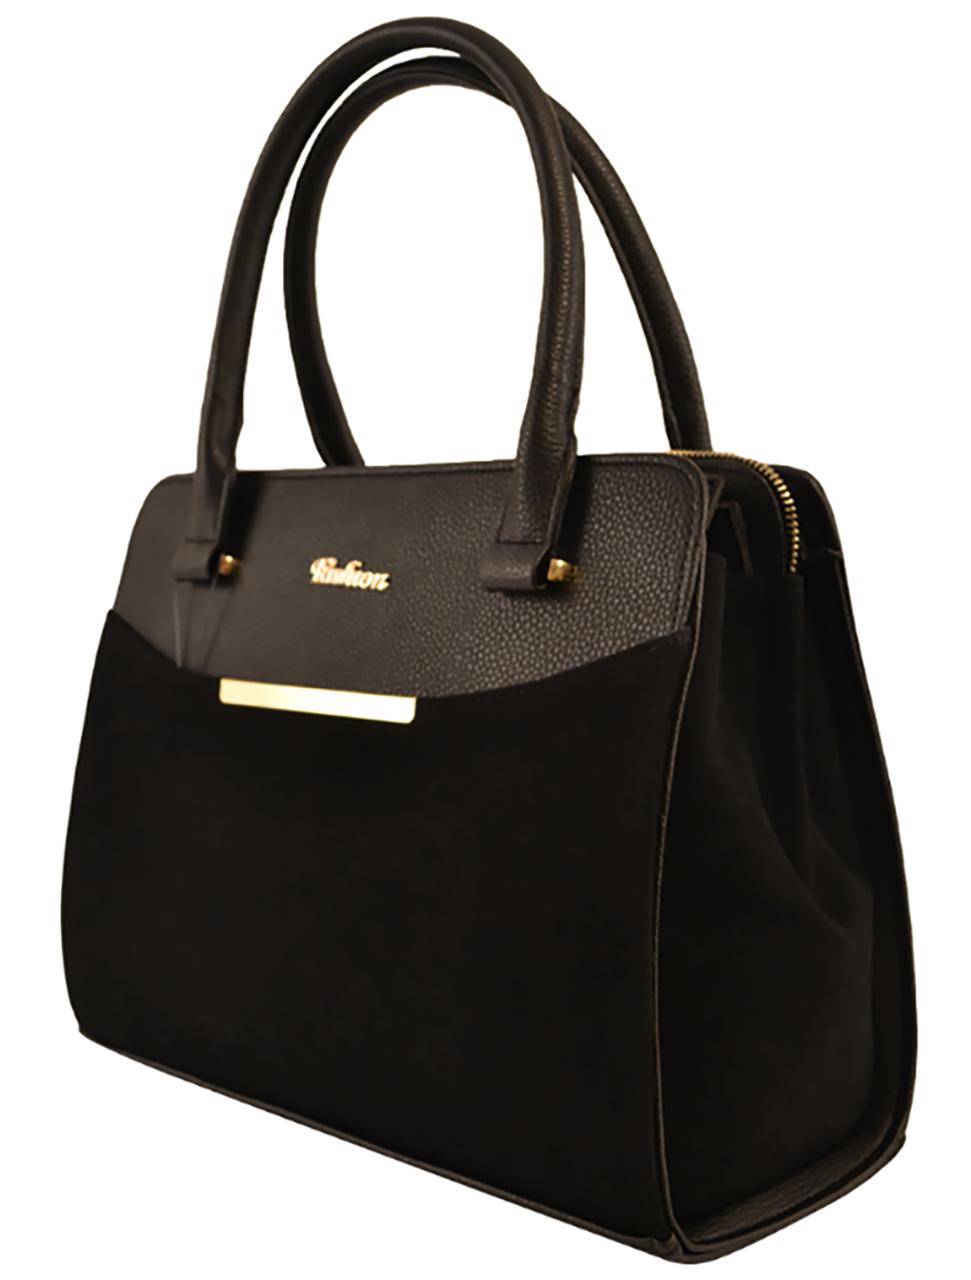 451b34f5d43b Сумка женская классическая черная замшевая офисная - Интернет-магазин женских  сумок в Черновцах